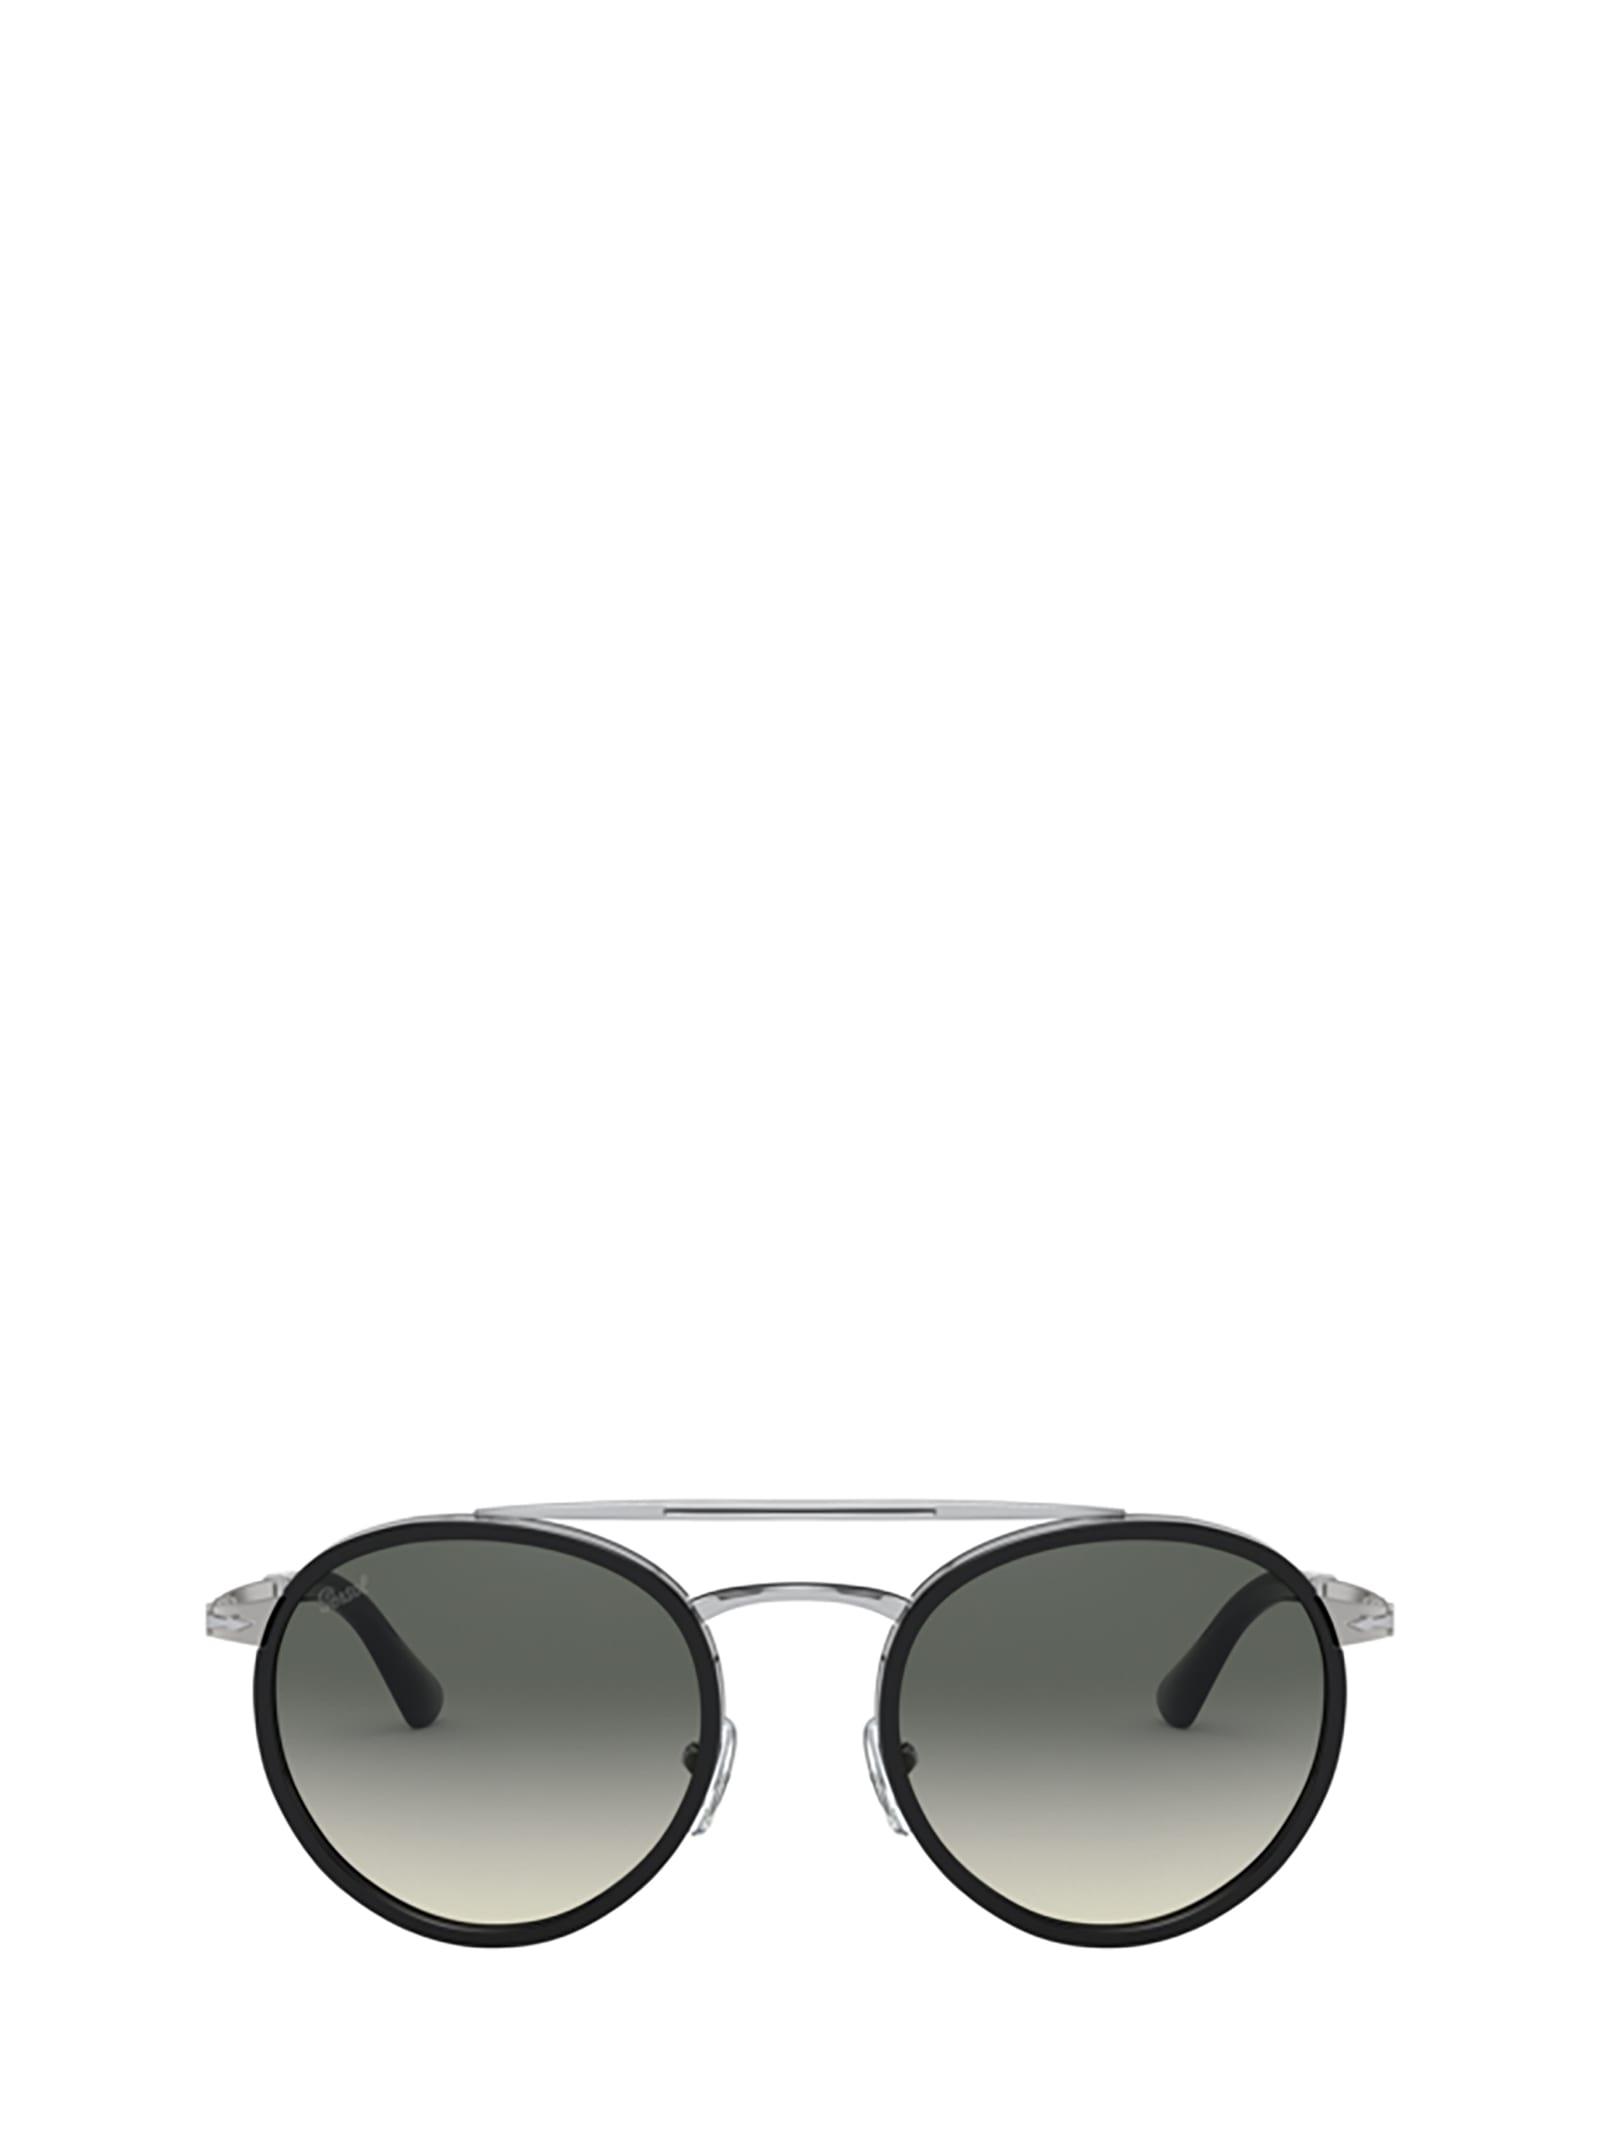 Persol Persol Po2467s Silver & Black Sunglasses